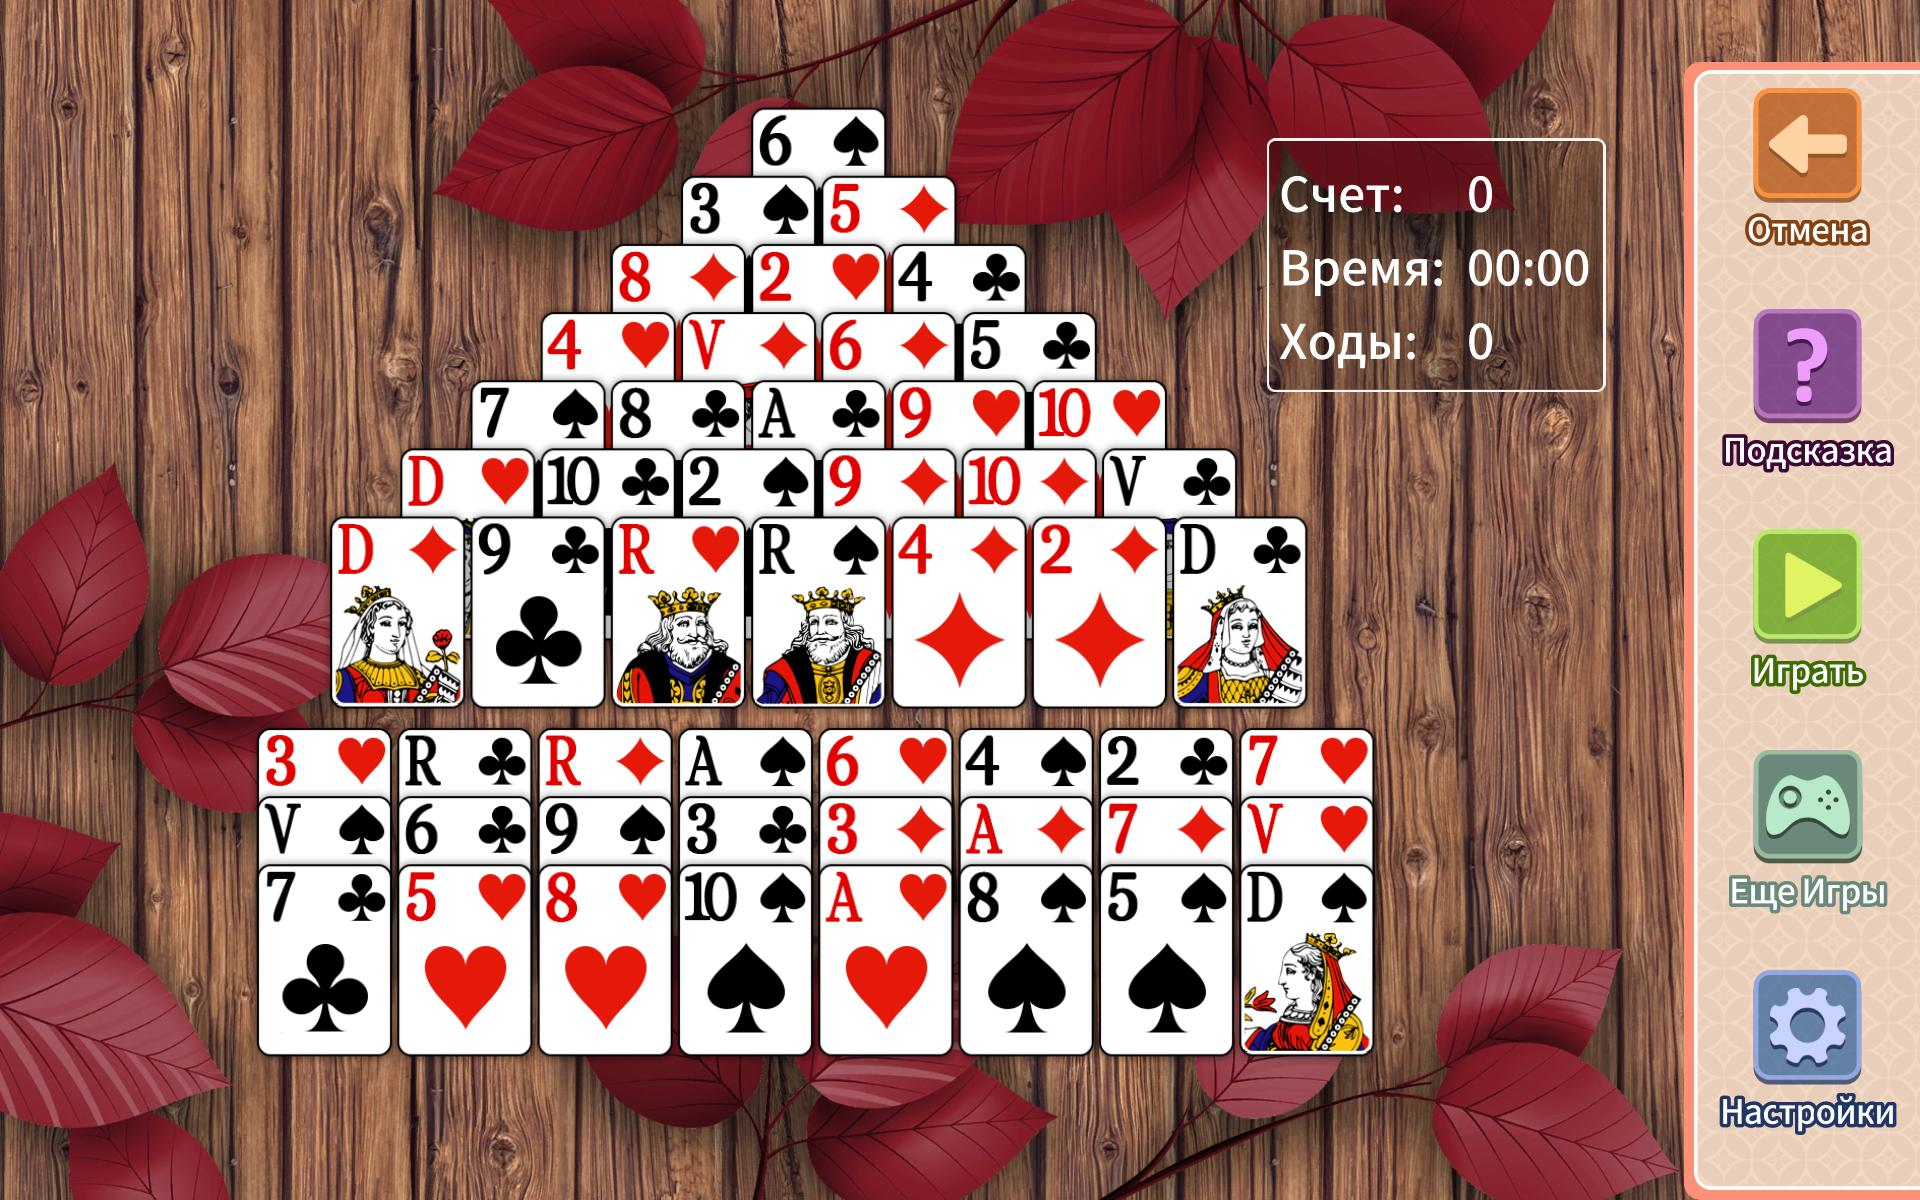 Пасьянс пирамида по 3 карты играть бесплатно казино игровые автоматы без депозита